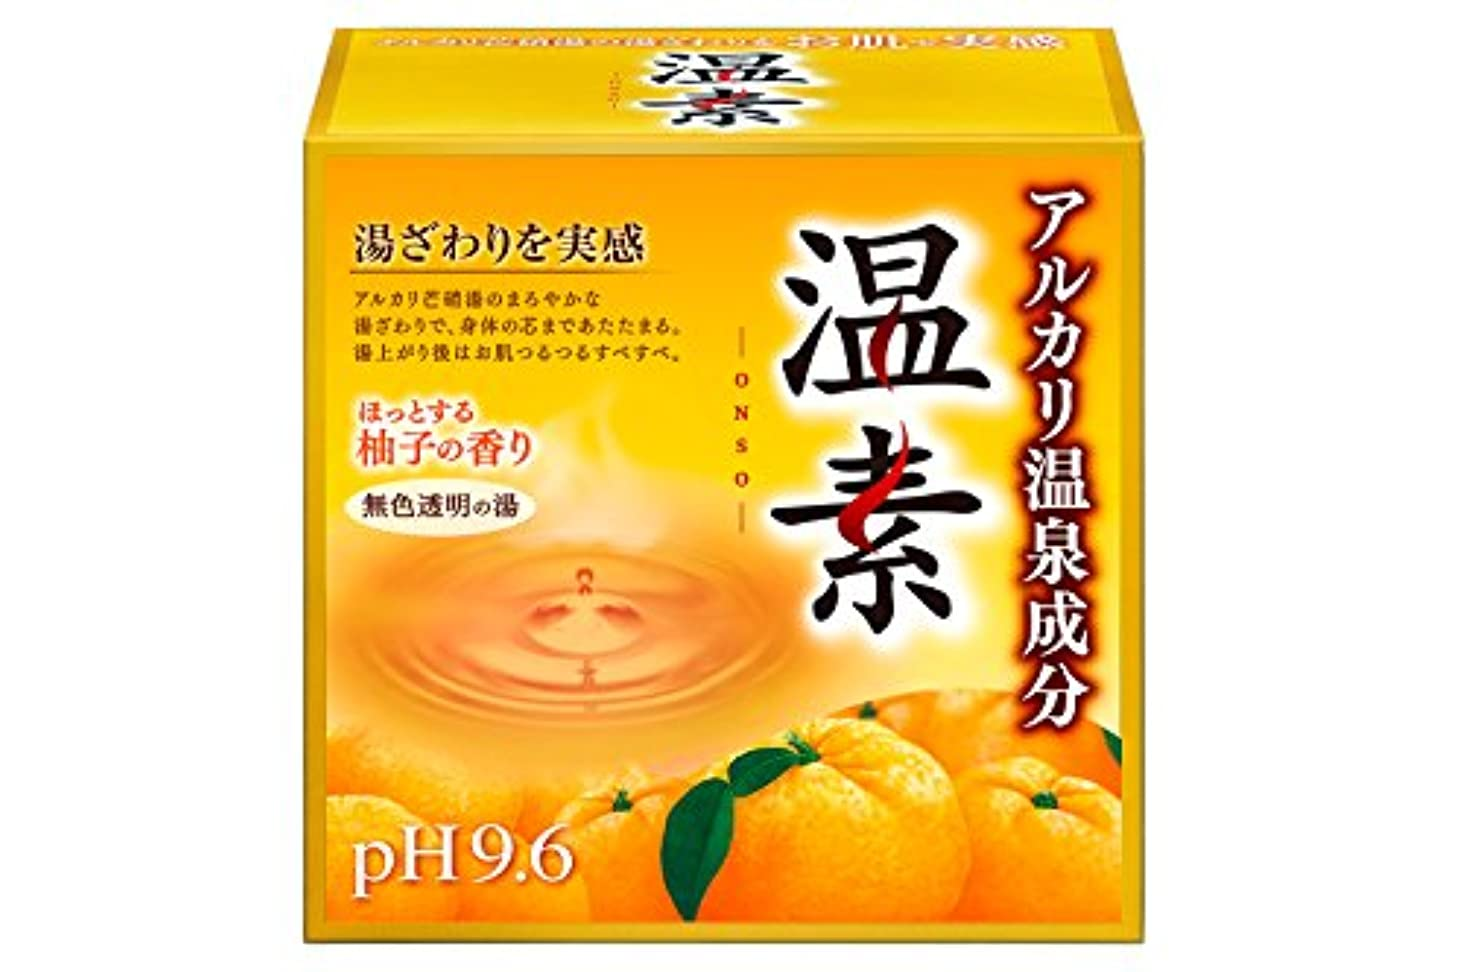 スープ醜い合成アース製薬 温素 入浴剤 柚子の香り 15包入 [医薬部外品]